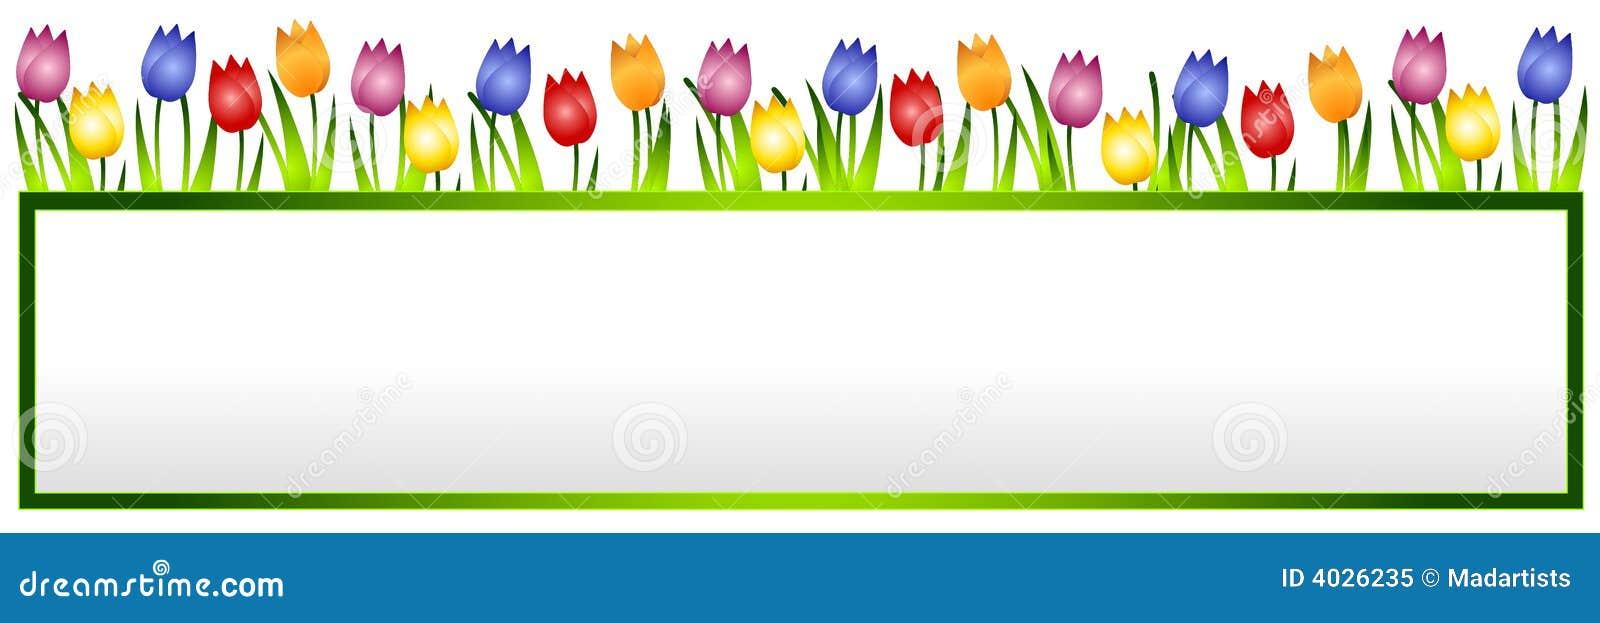 Bandera o insignia de la flor de los tulipanes del resorte